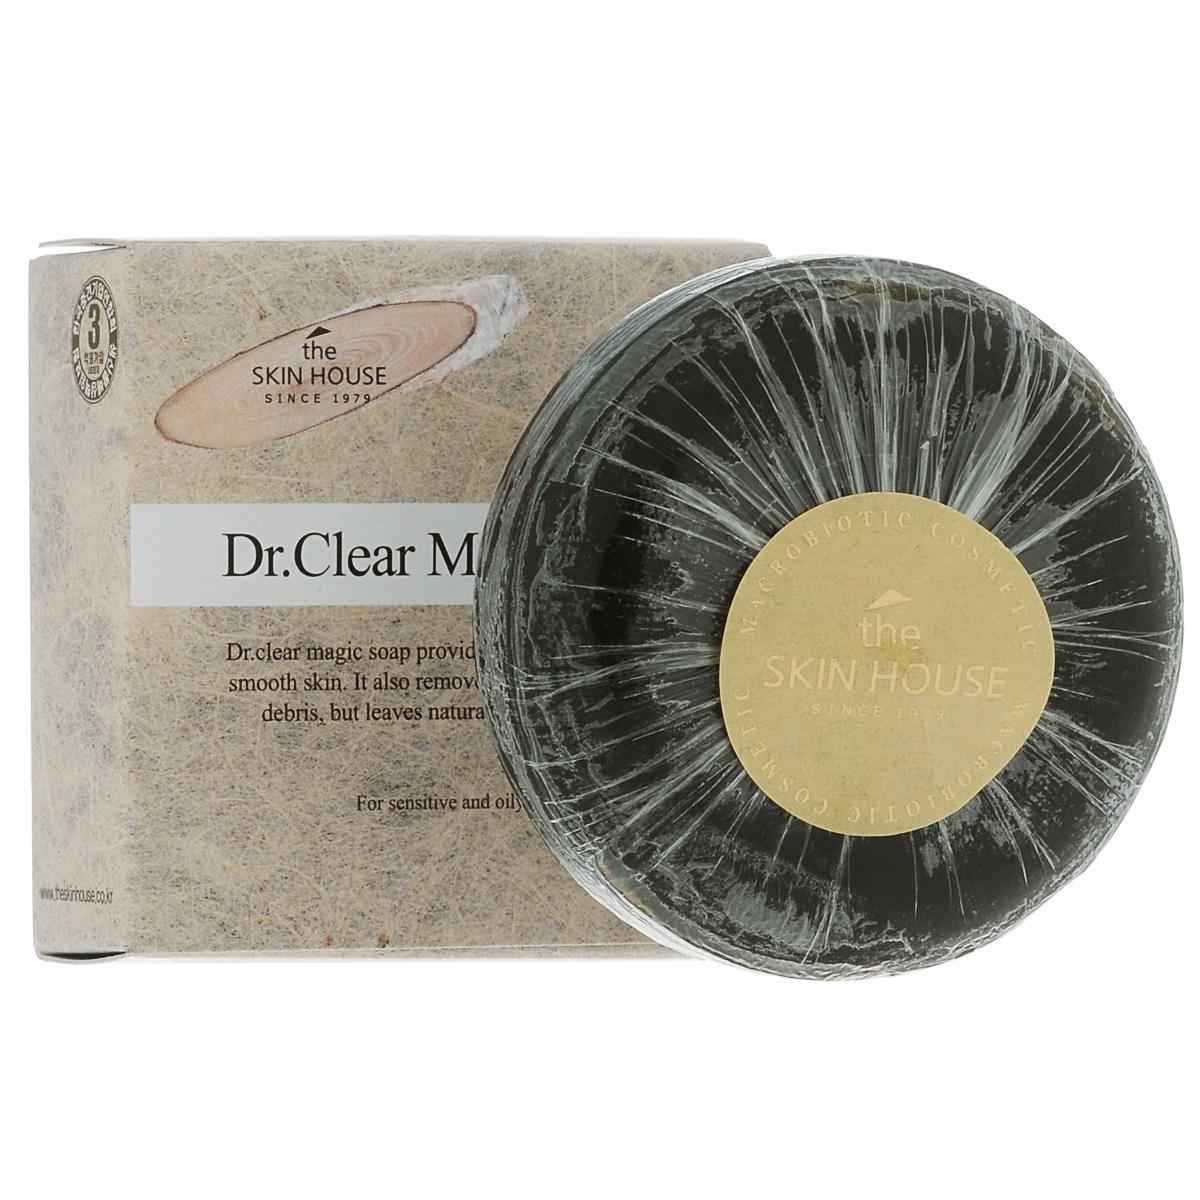 The Skin House Мыло от воспалений DR. Clear magic, 100 гFS-00103Очищающее мыло для лица Dr.Clear создано для бережного ухода за проблемной чувствительной кожей. Мягкая пена эффективно удаляет загрязнения, стимулирует кровообращение и не раздражает кожу. Средство регулирует кожный баланс, оптимизируя и не нарушая его во время умывания. Для наилучшего эффекта используйте мыло 2 раза в день: утром и вечером.